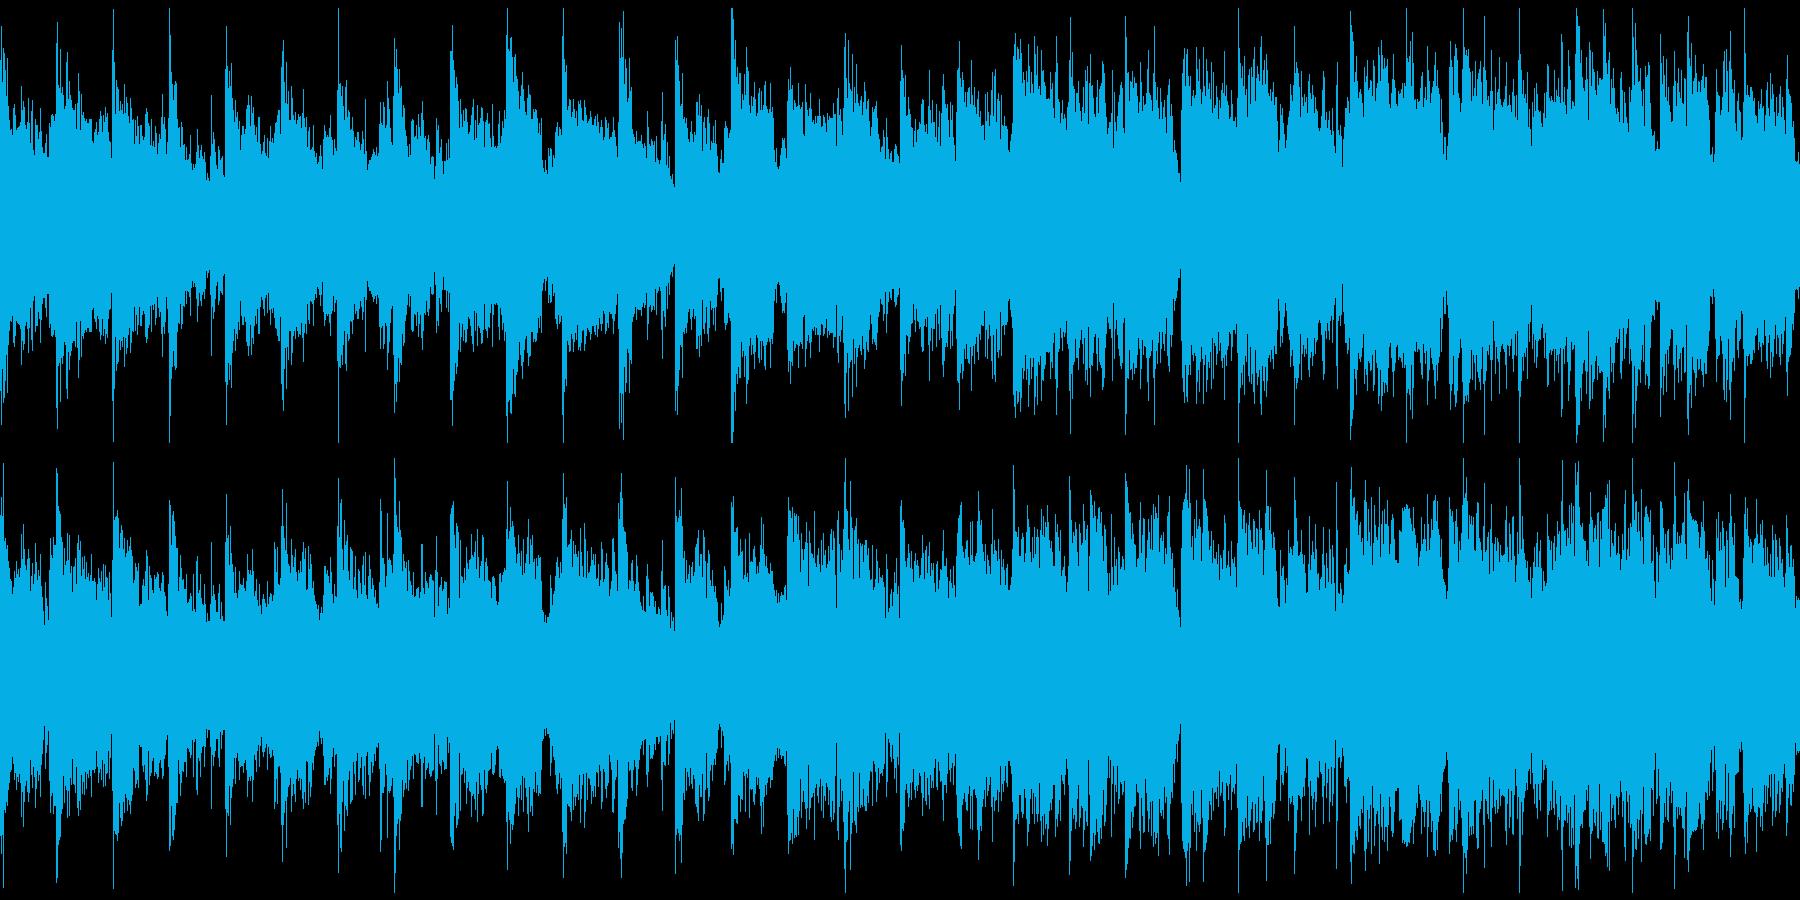 和風、幻想的な昔話、おとぎ話 ※ループ版の再生済みの波形